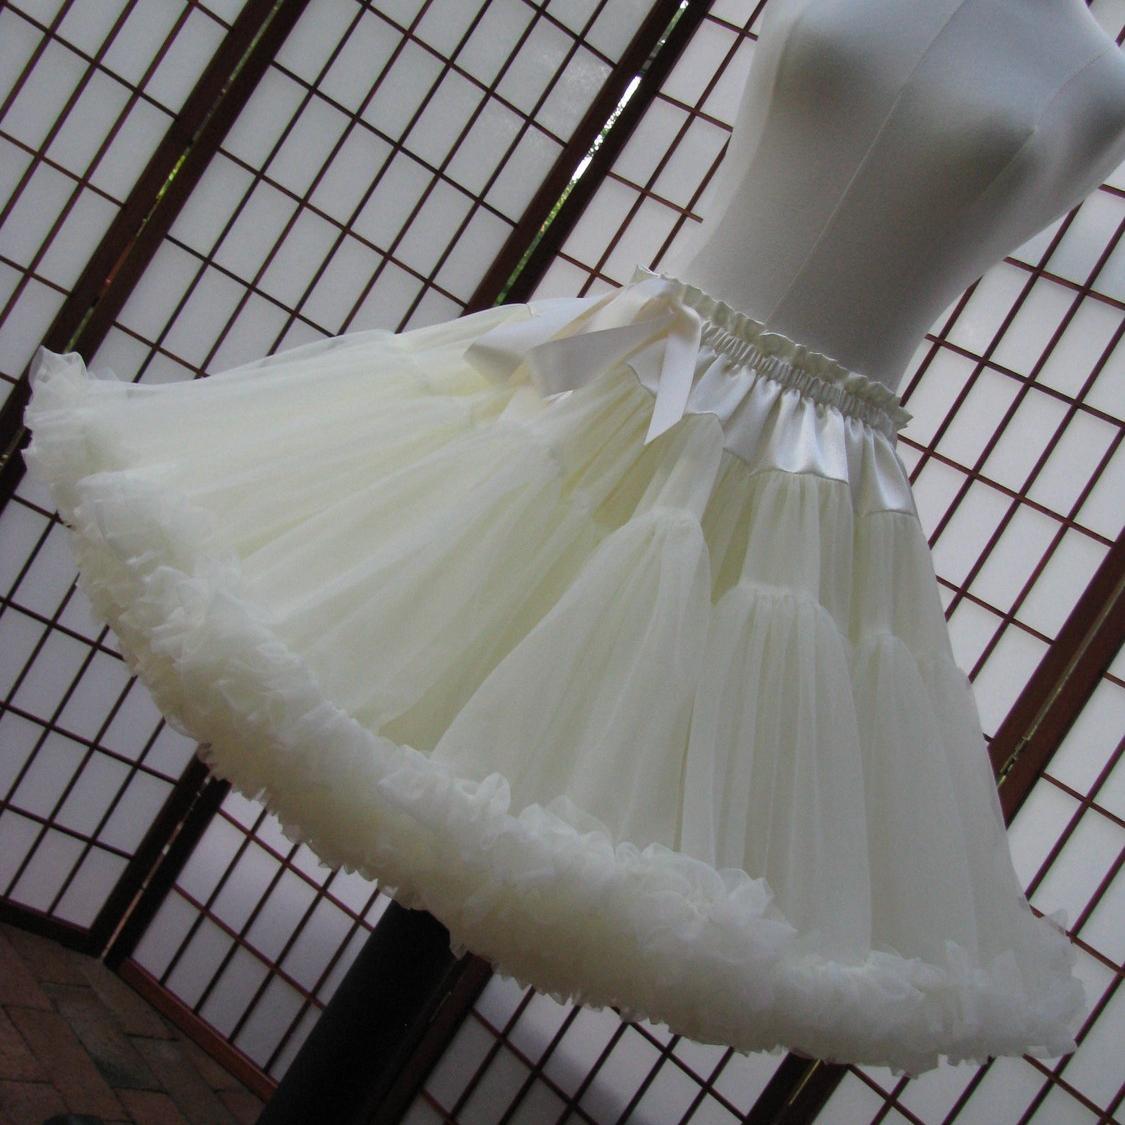 プラスサイズのPetticoats二重層Pettiskirtsの花嫁介添人ガールズクリノリンペチコートブライダルスカートカラフルなアンダースカートクリノリンスリップ